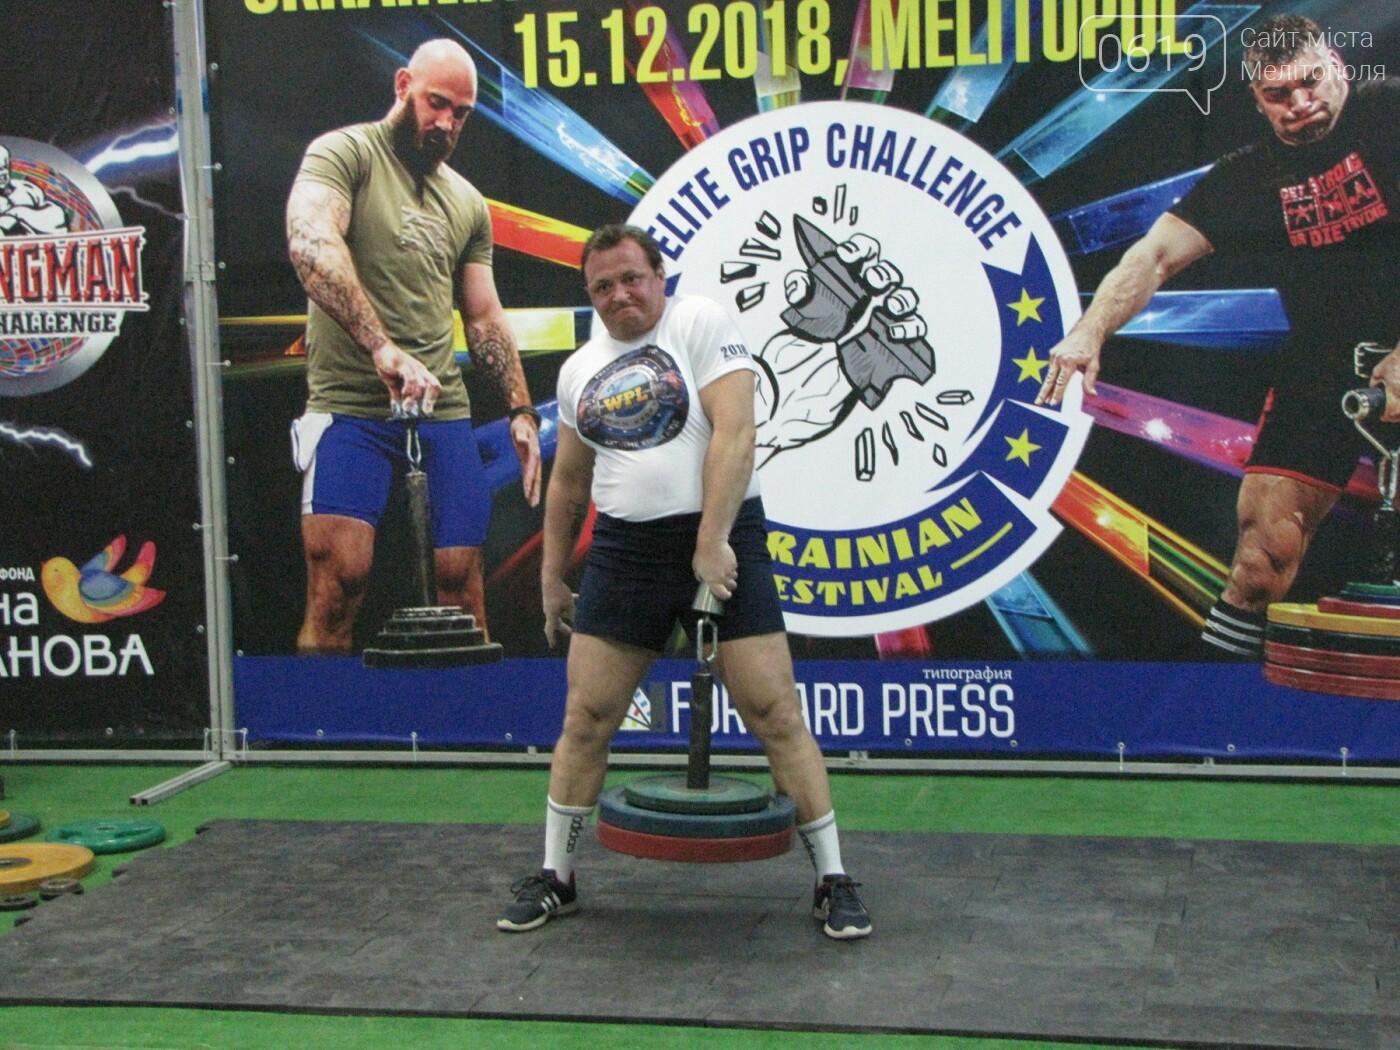 В Мелитополе сильнейшие атлеты соревновались в силе хвата, фото-34